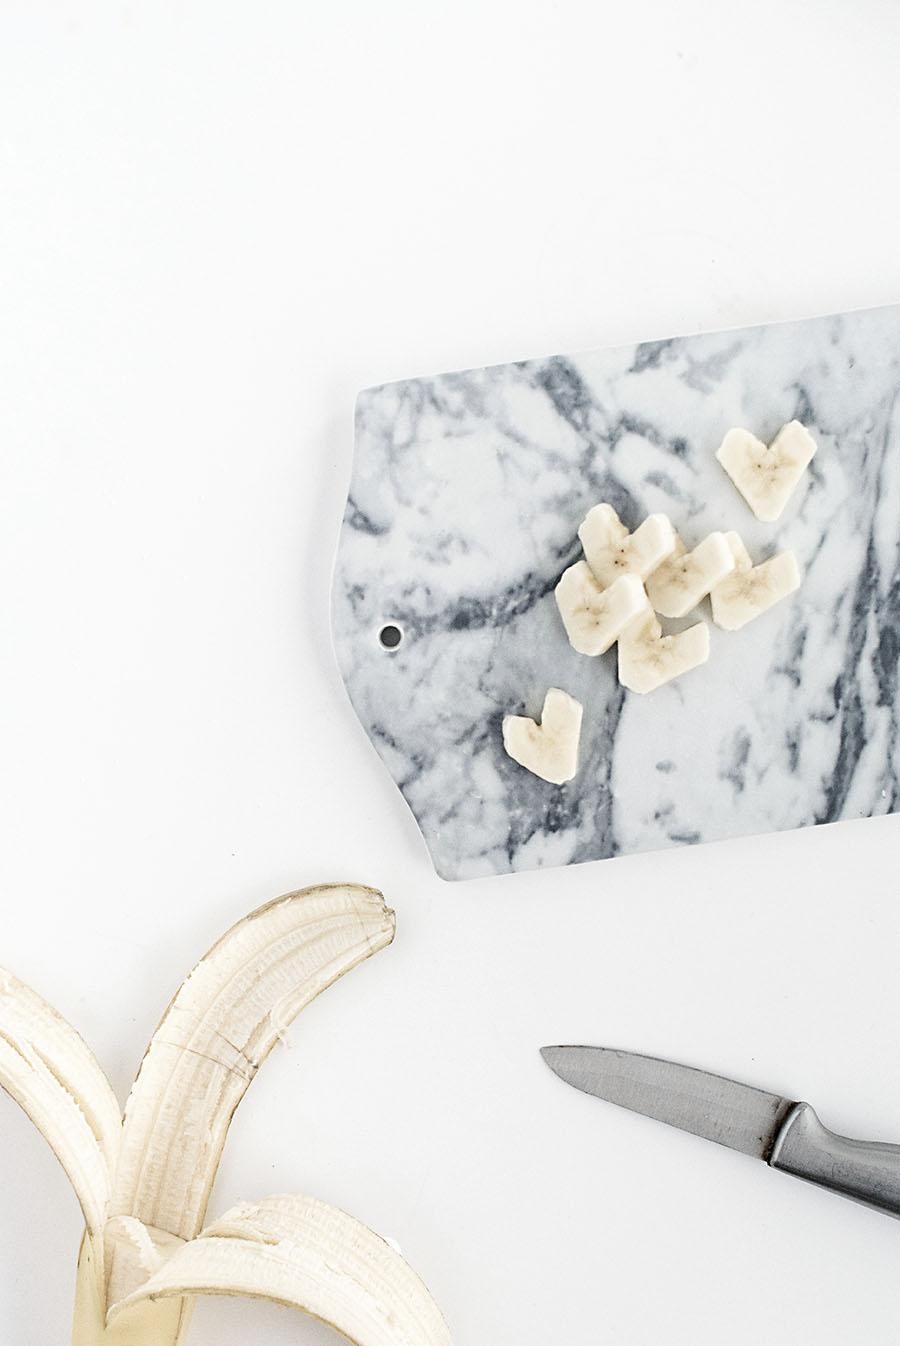 heart-shaped-bananas